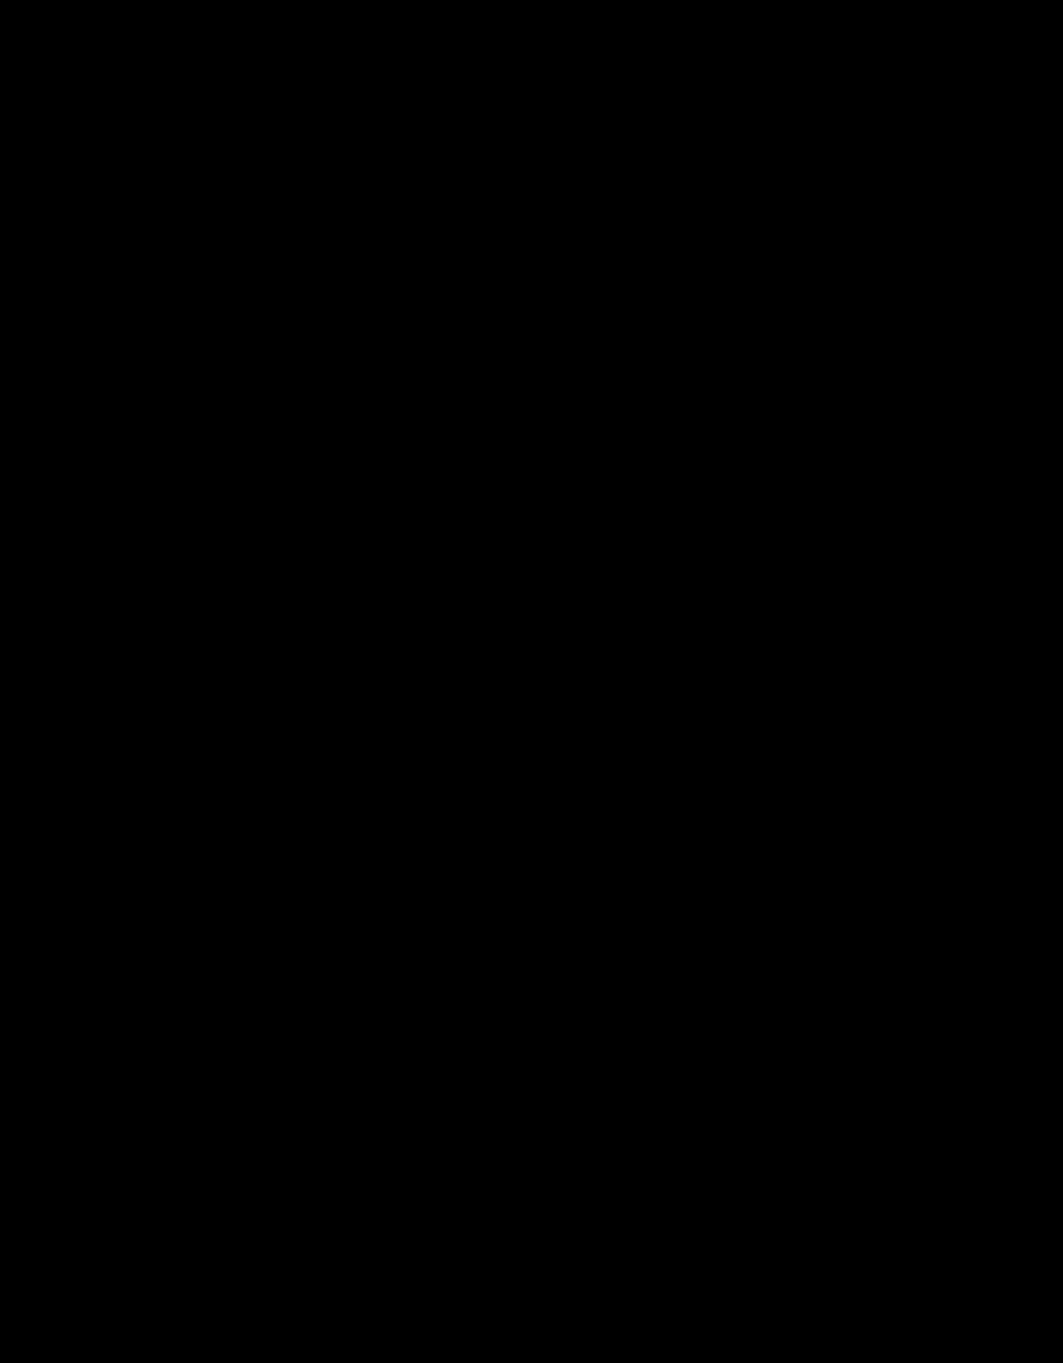 ЗАРЛАЛ